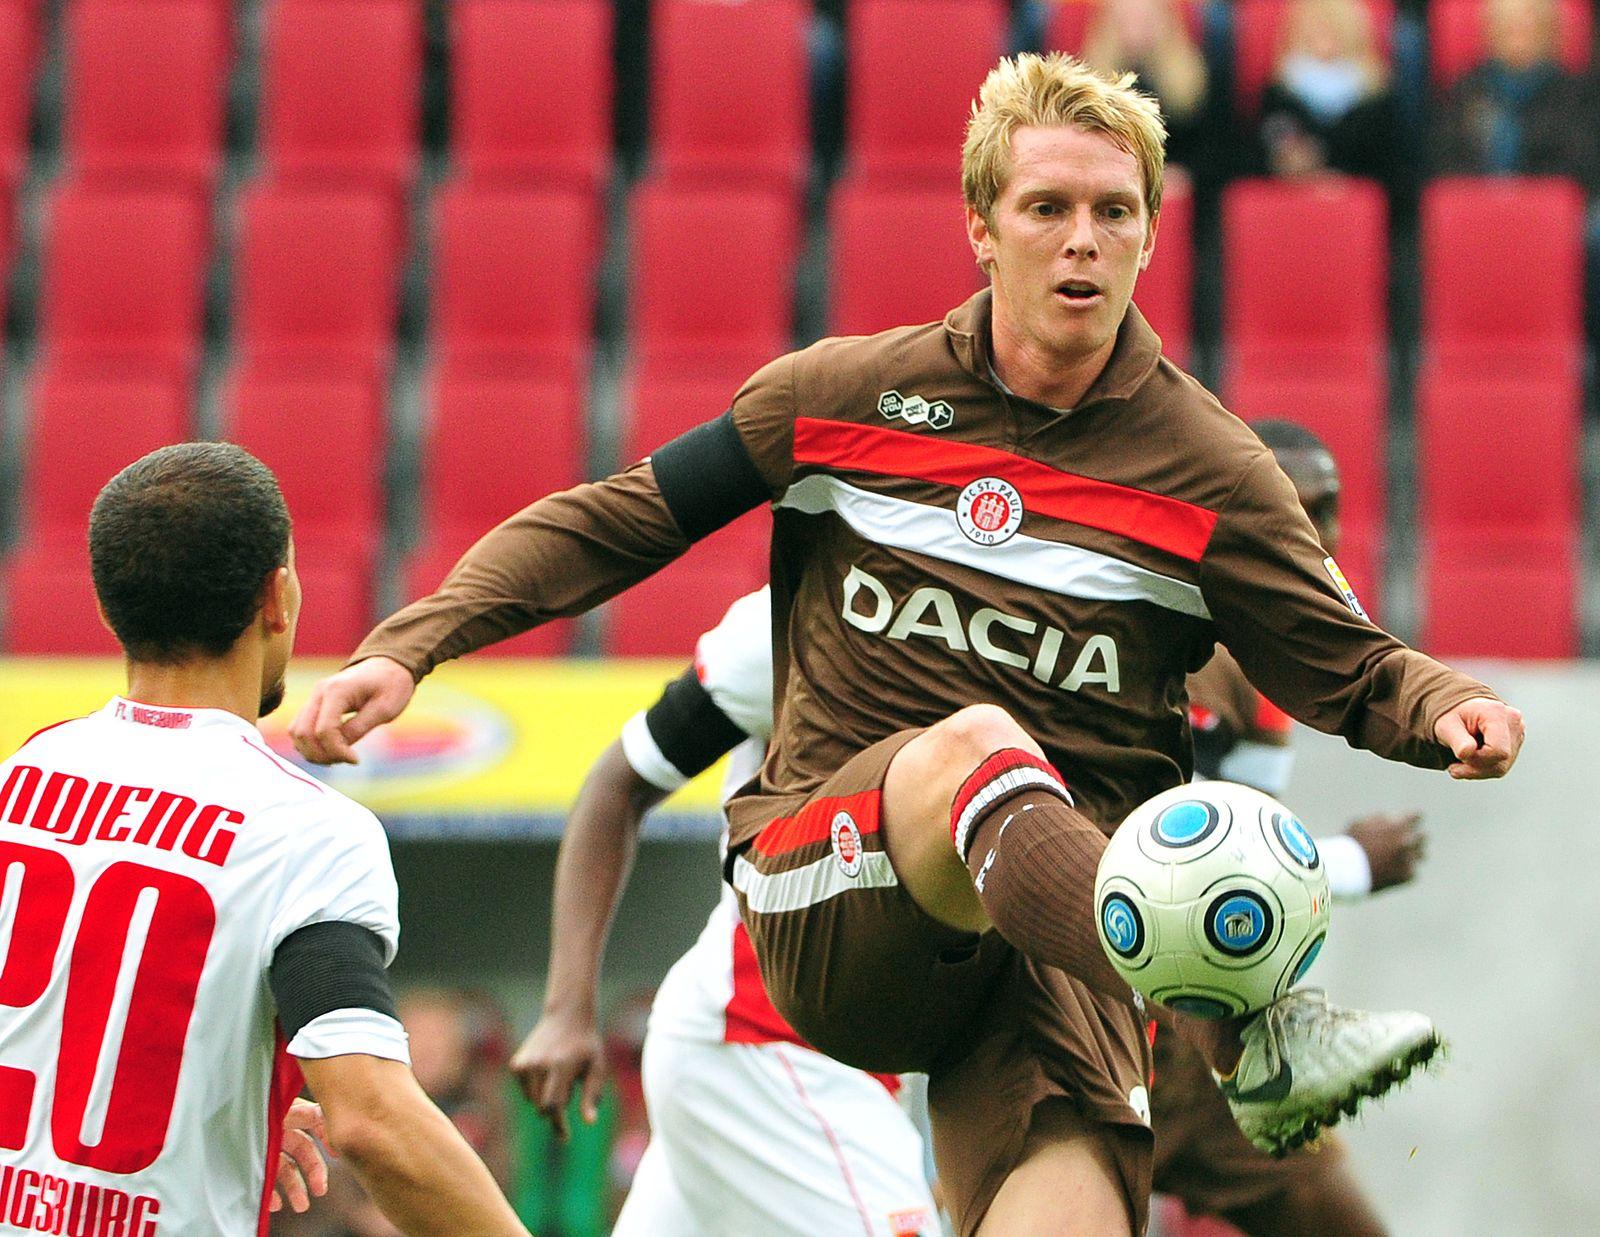 Marius Ebbers / FC St. Pauli